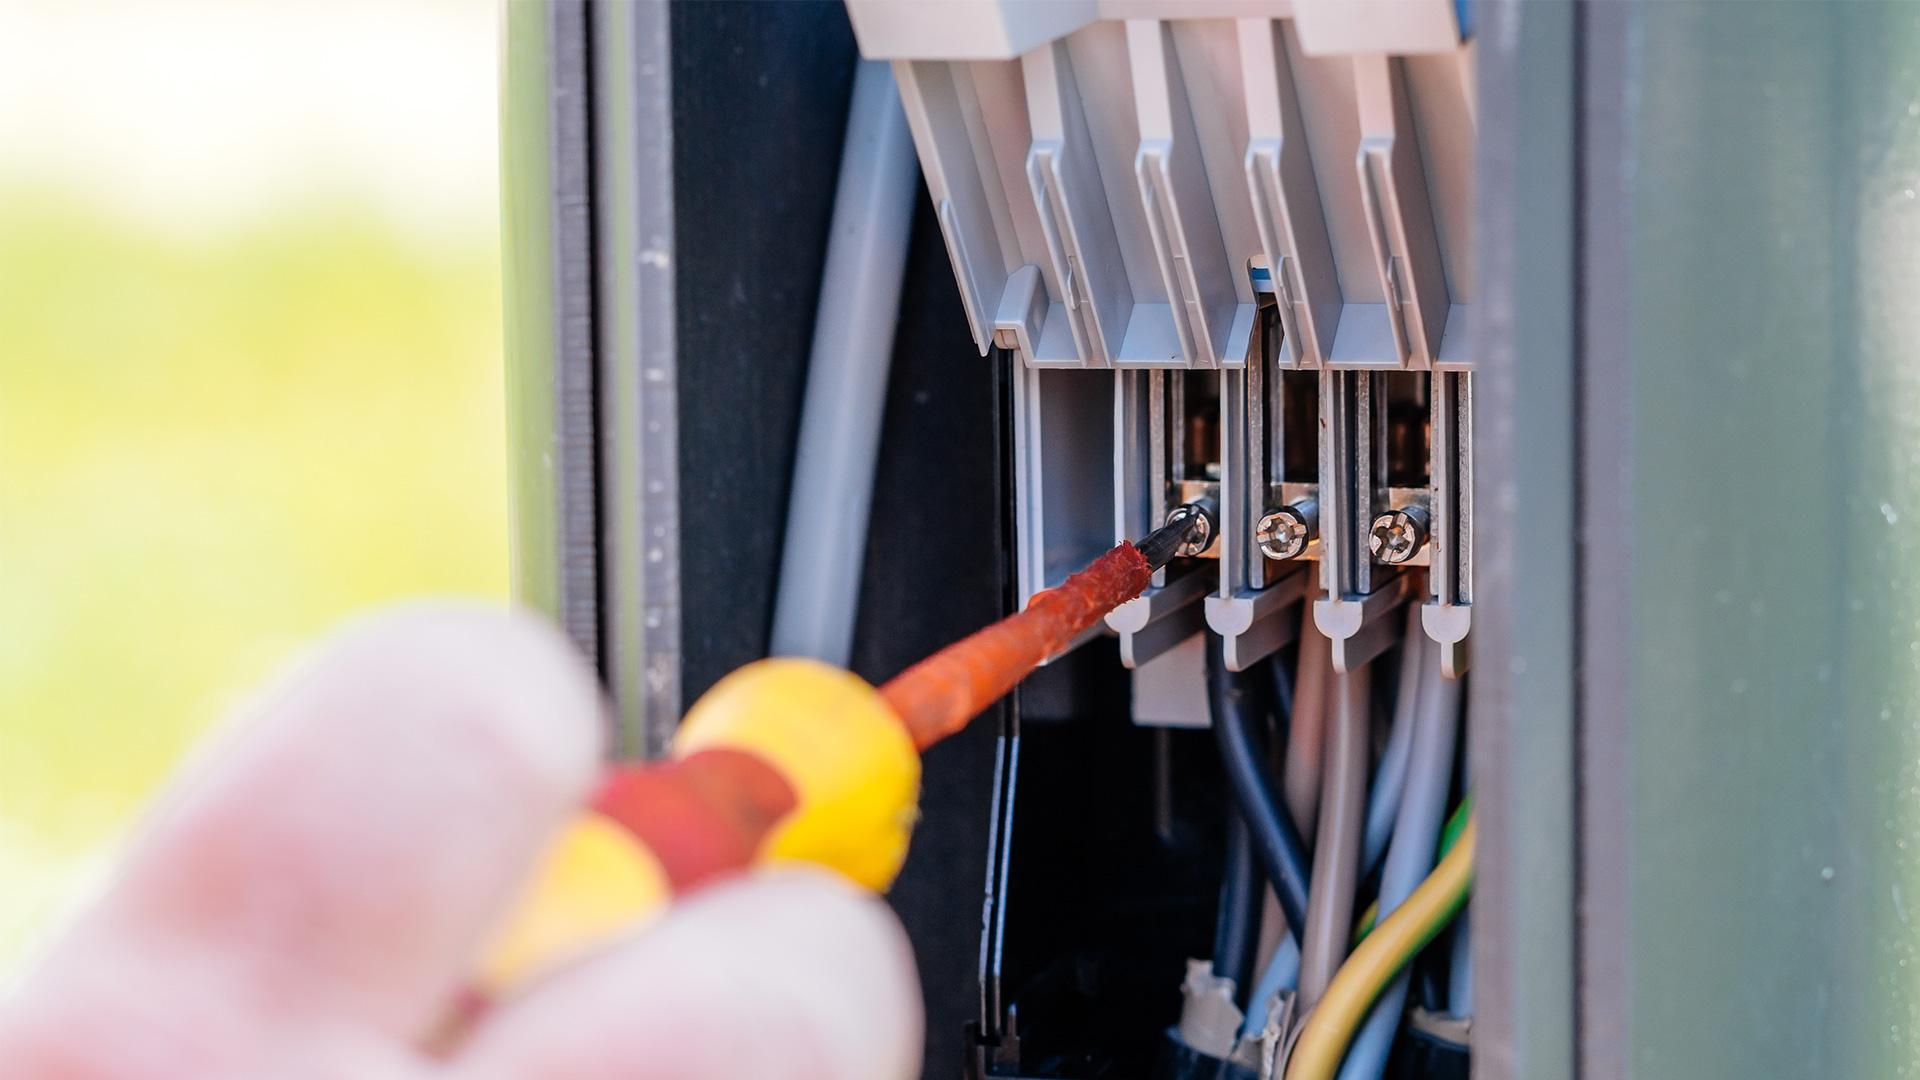 Elektrotechniker mit Schraubendreher, Elektroinstallation